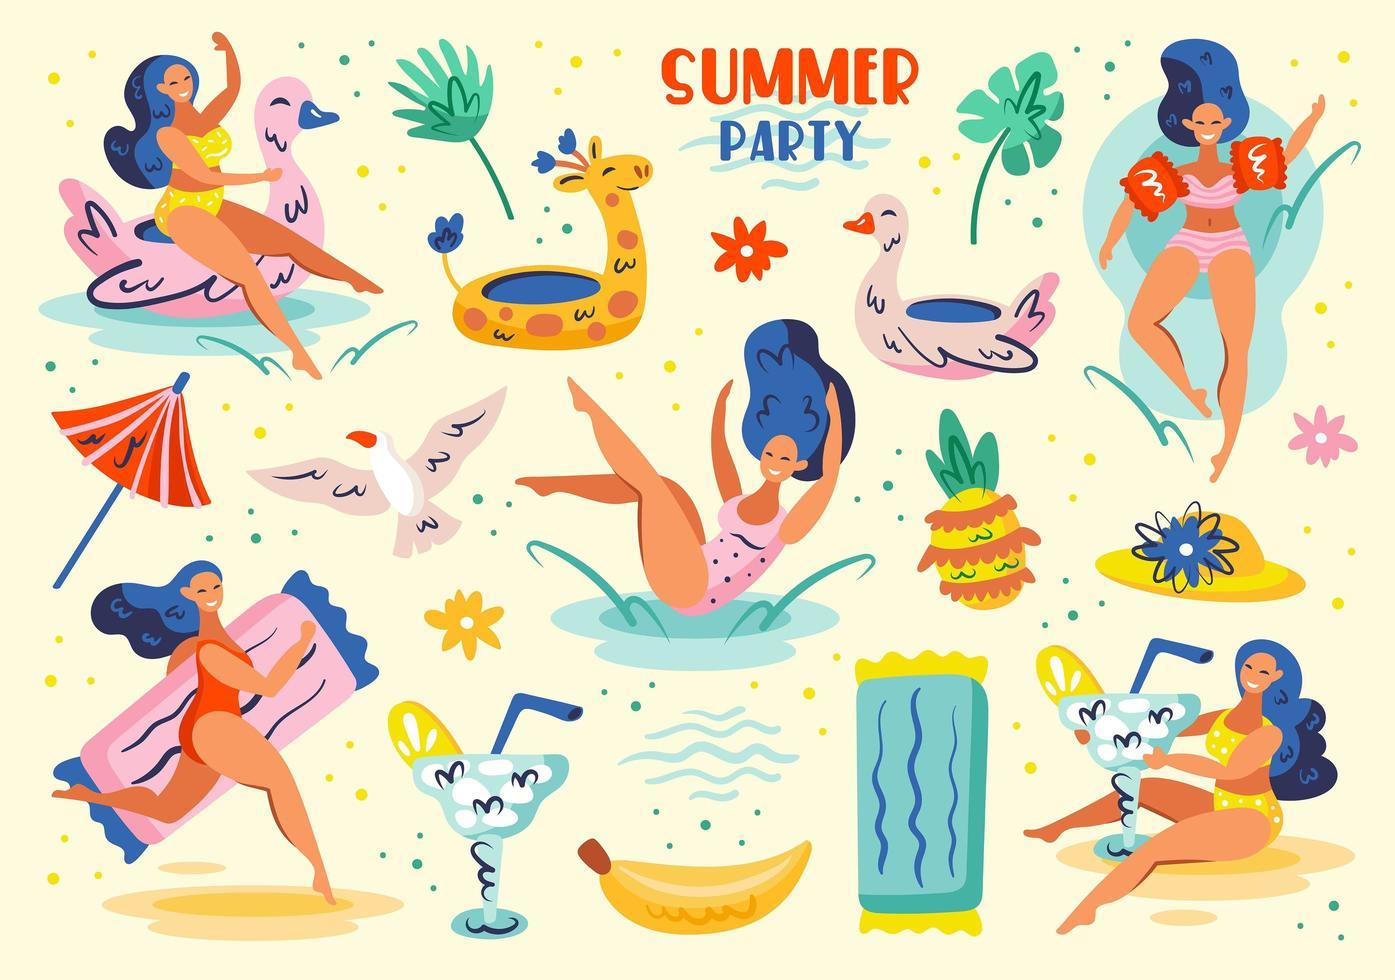 donna in costume da bagno divertirsi al set festa d'estate vettore